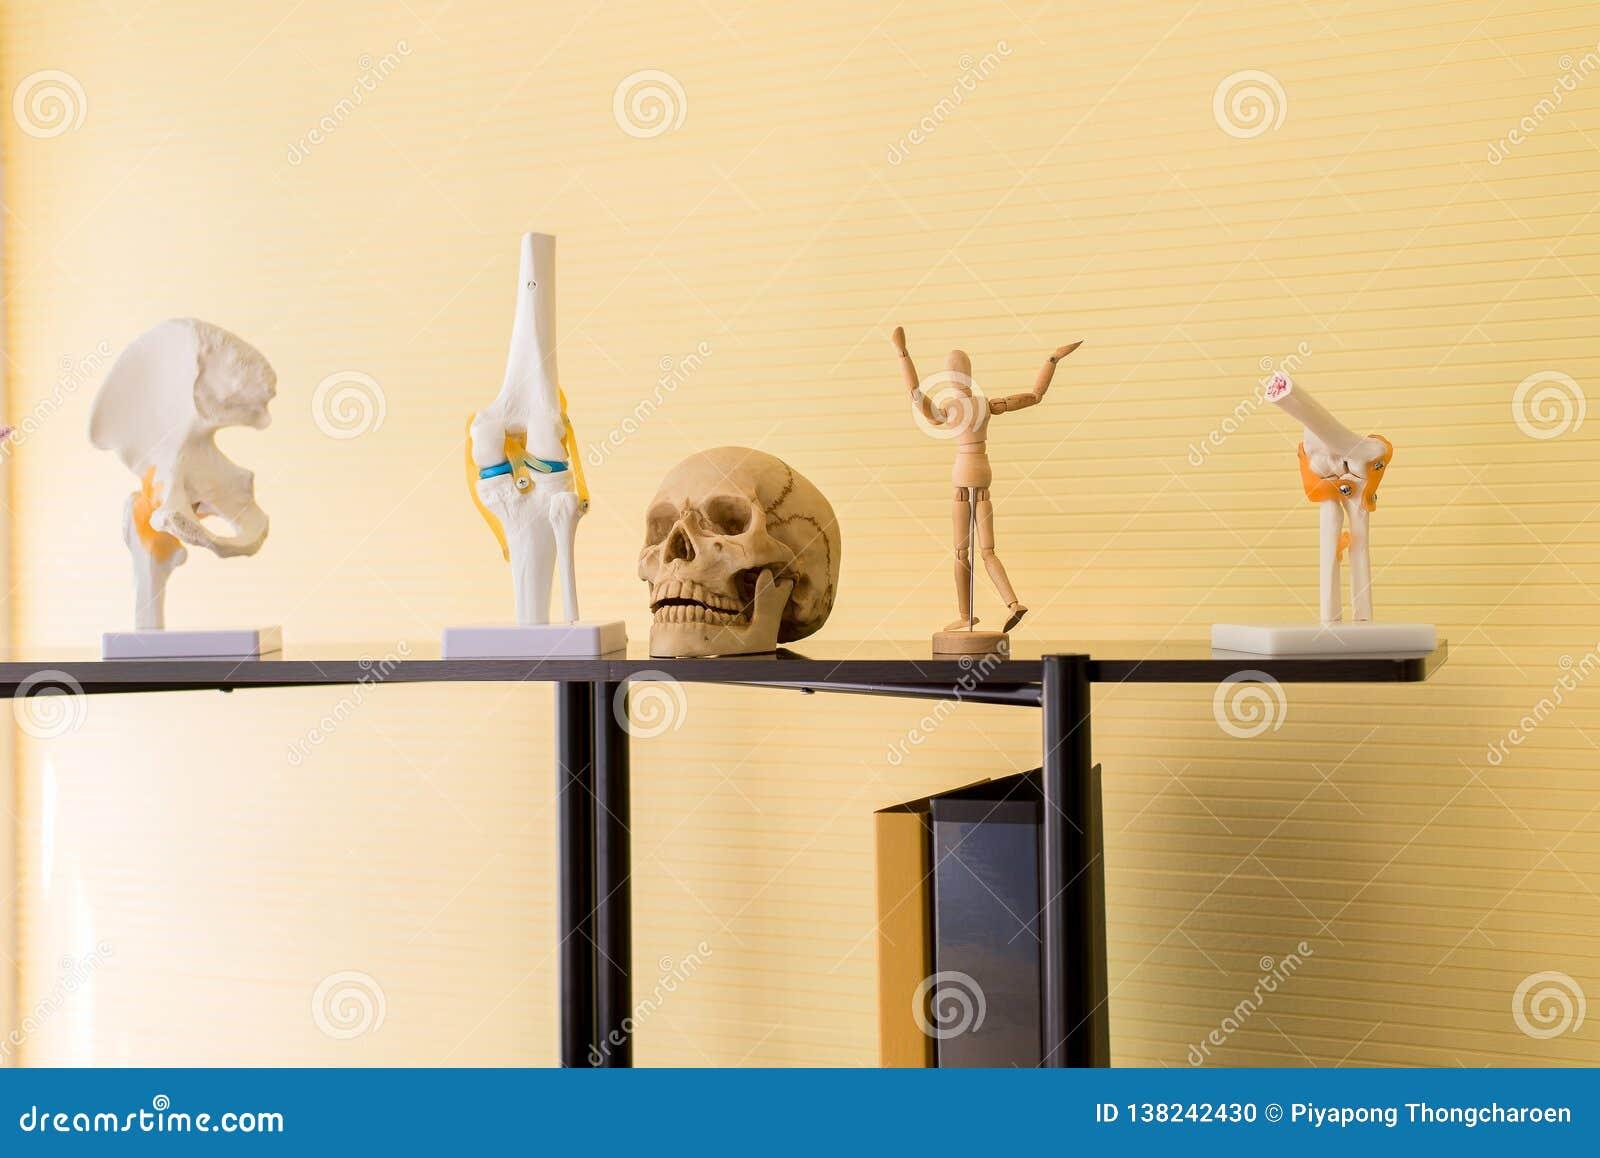 Wyposażenia ciała ludzkiego anatomia zawiera czaszkę, kość, mózg modela dla edukacji badania i medyczną naukę,